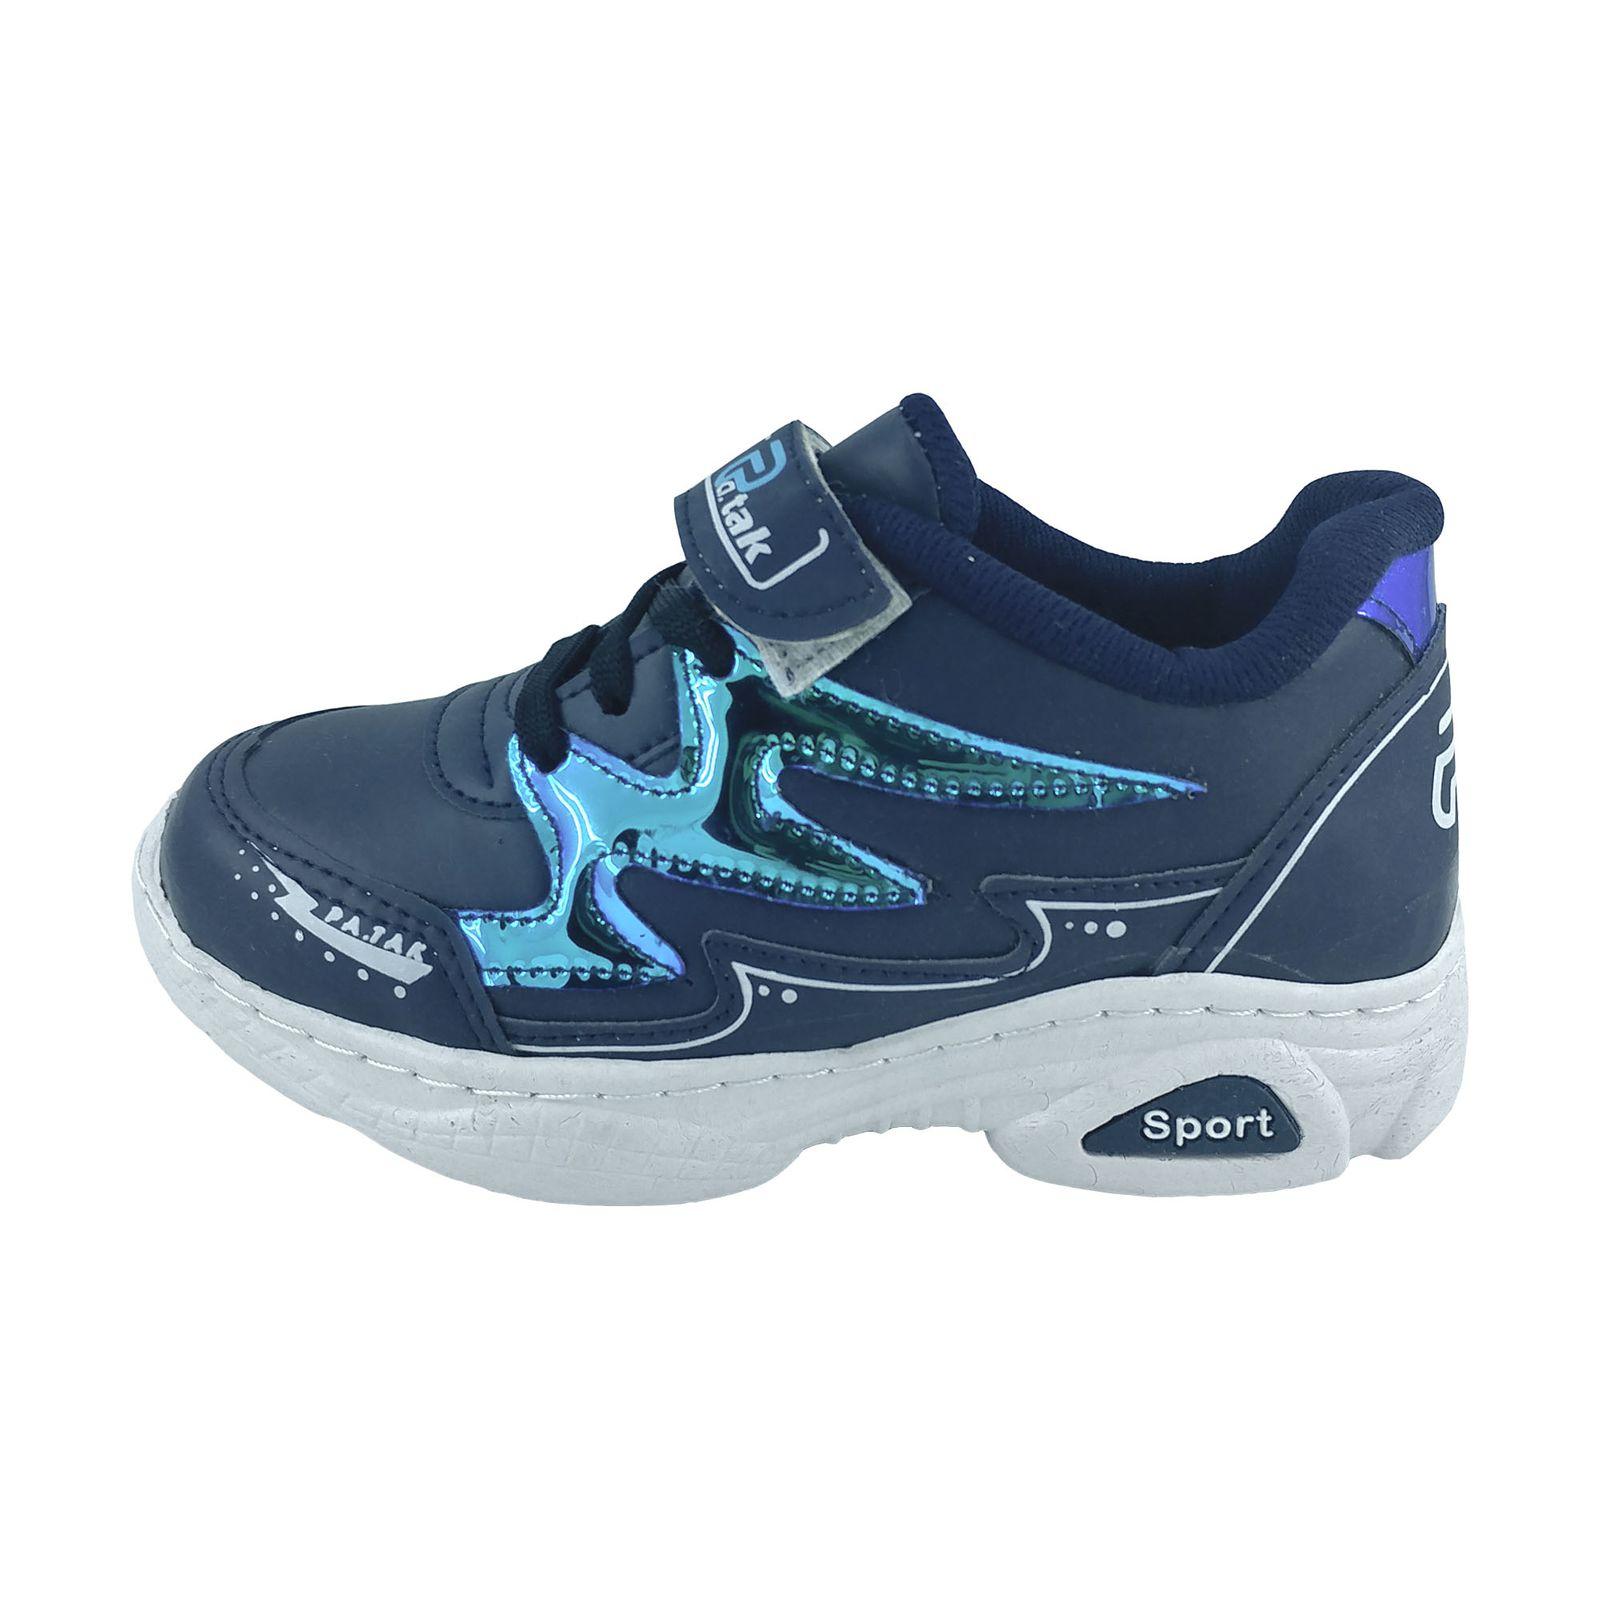 کفش راحتی بچگانه مدل bhs -  - 2